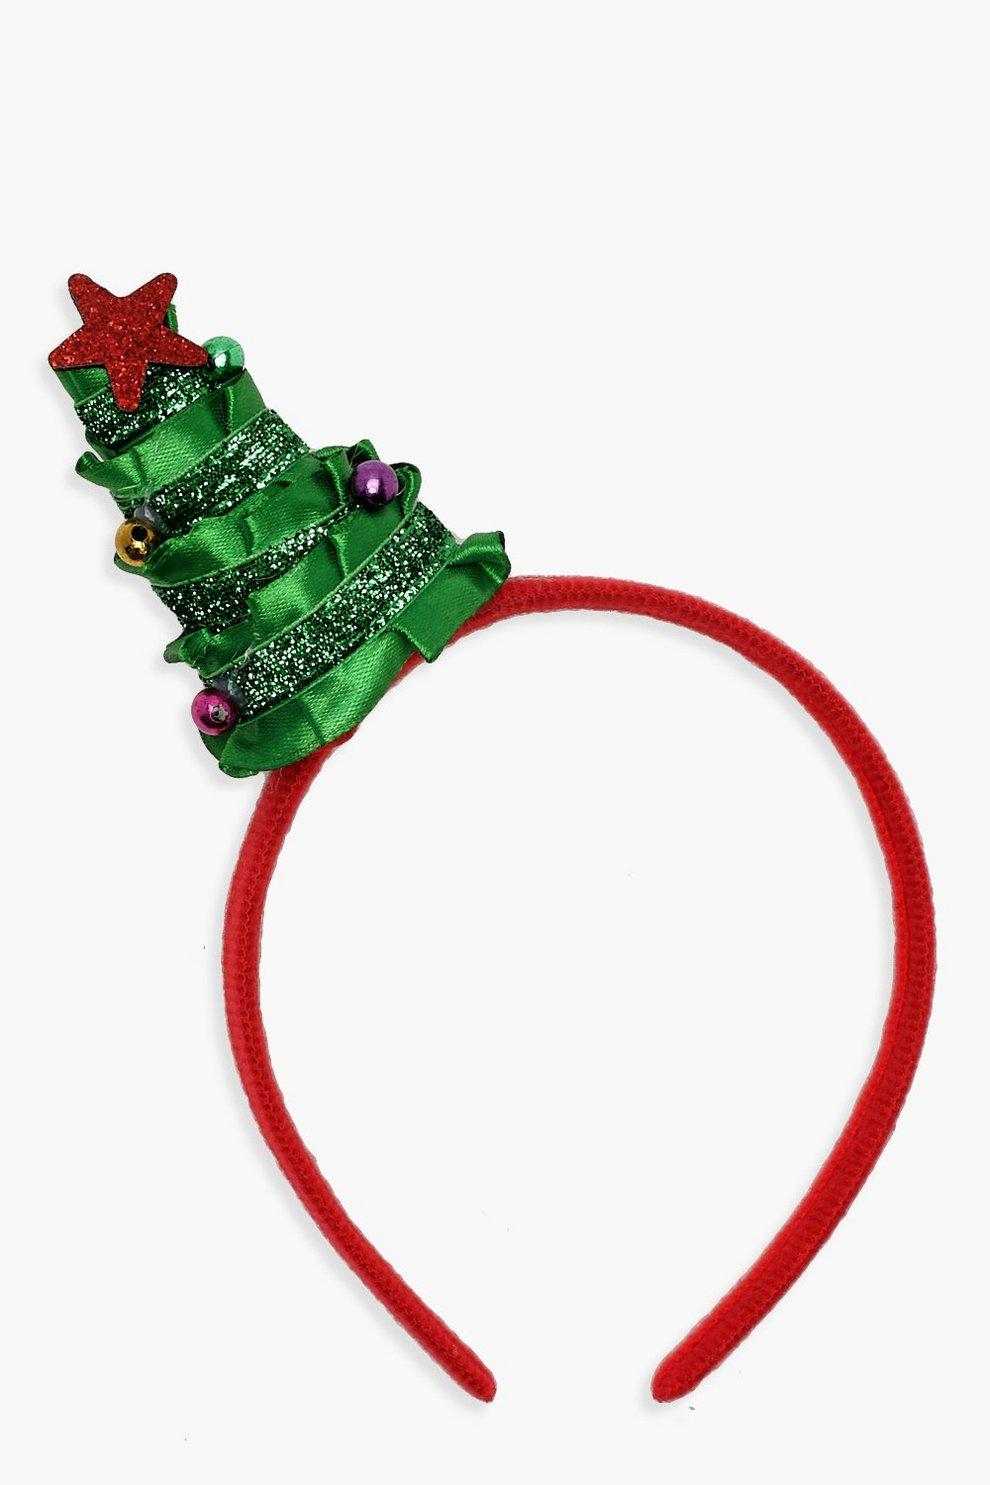 meilleur service mode meilleure qualité pour Bandeau pour cheveux ruban & guirlande d'arbre de Noël   Boohoo